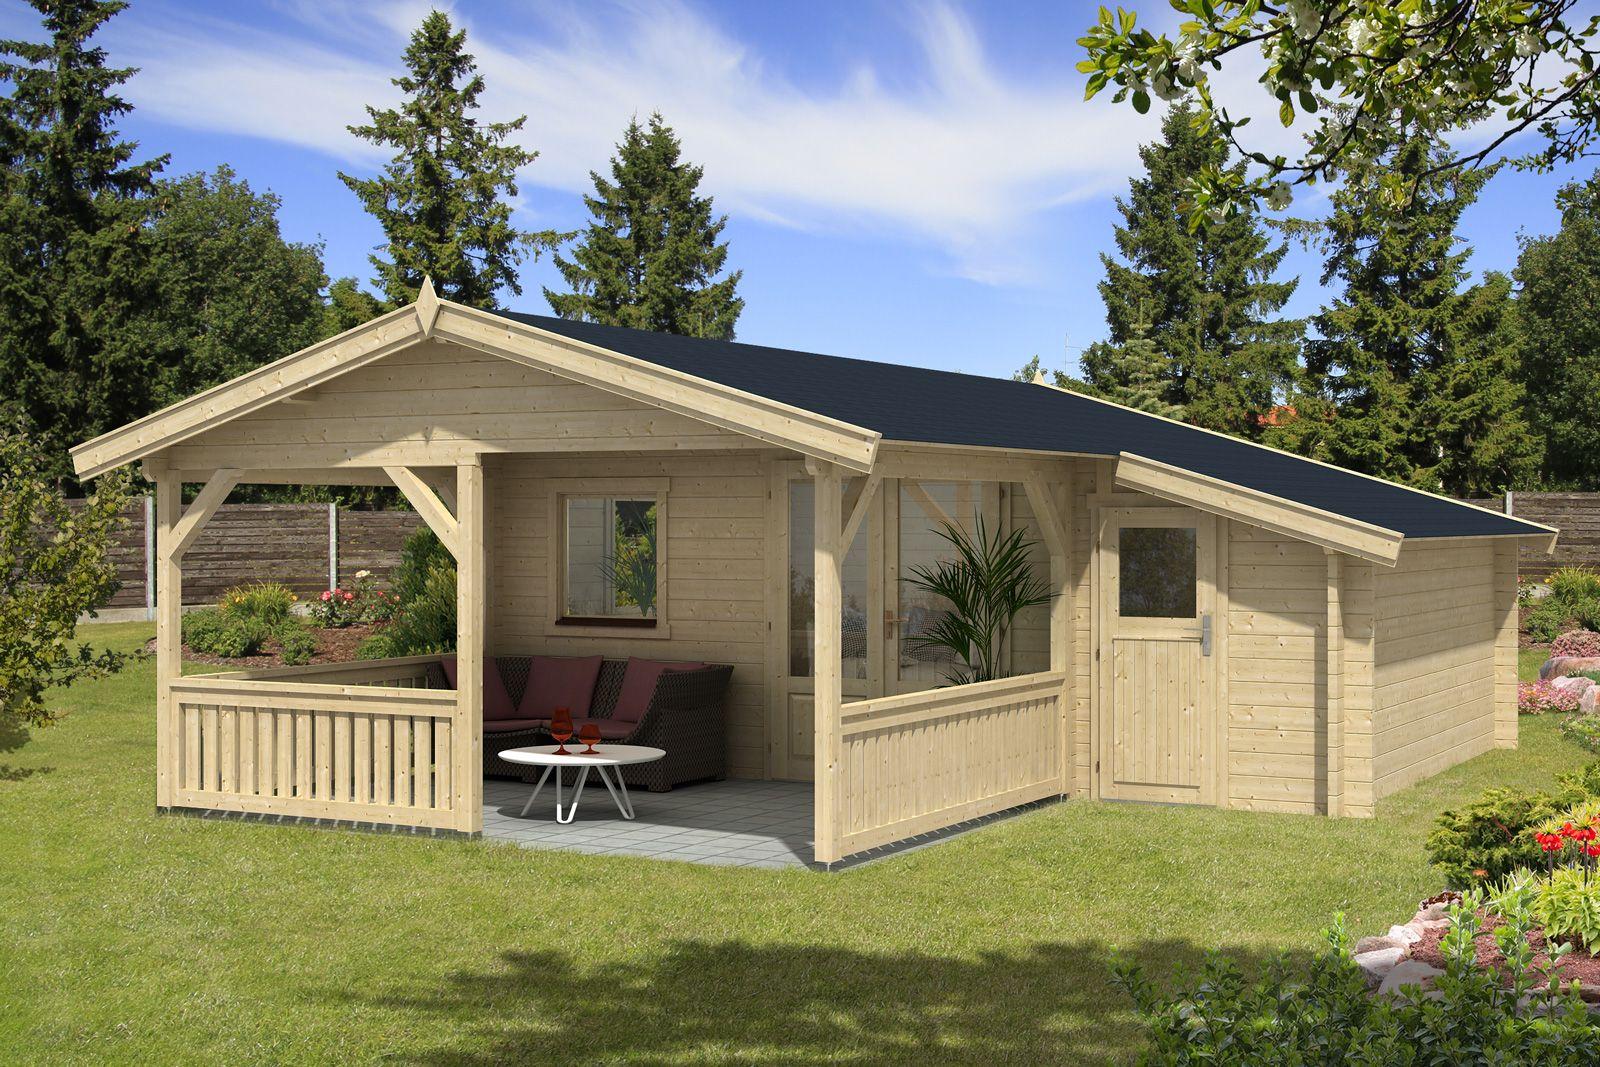 Gartenhaus Flex 50 B Mit 300cm Terrasse Anbau 4x4 3z Gartenhaus Gartenhaus Mit Terrasse Terrasse